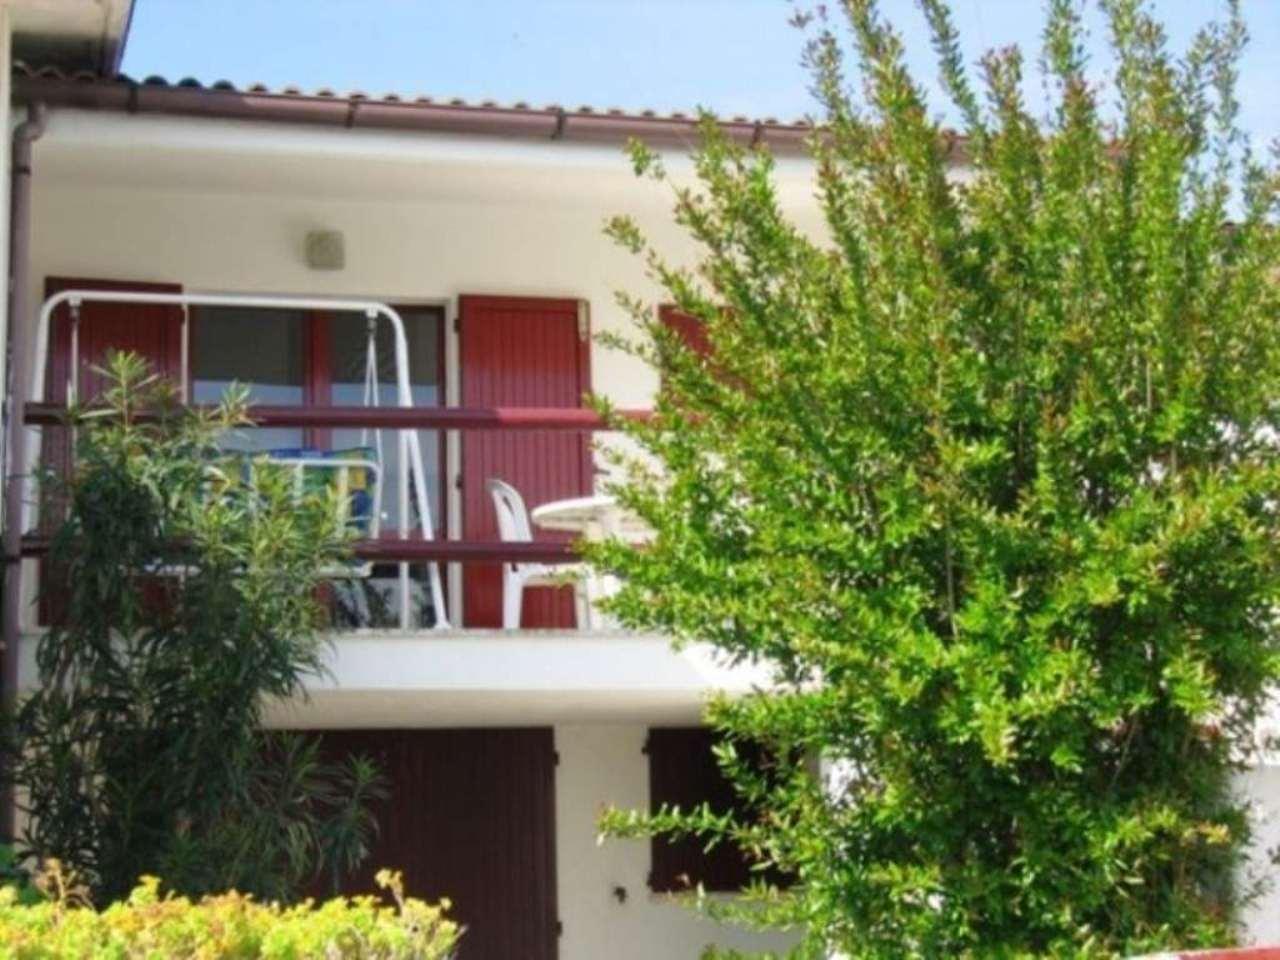 Soluzione Indipendente in vendita a Numana, 5 locali, prezzo € 190.000 | Cambio Casa.it